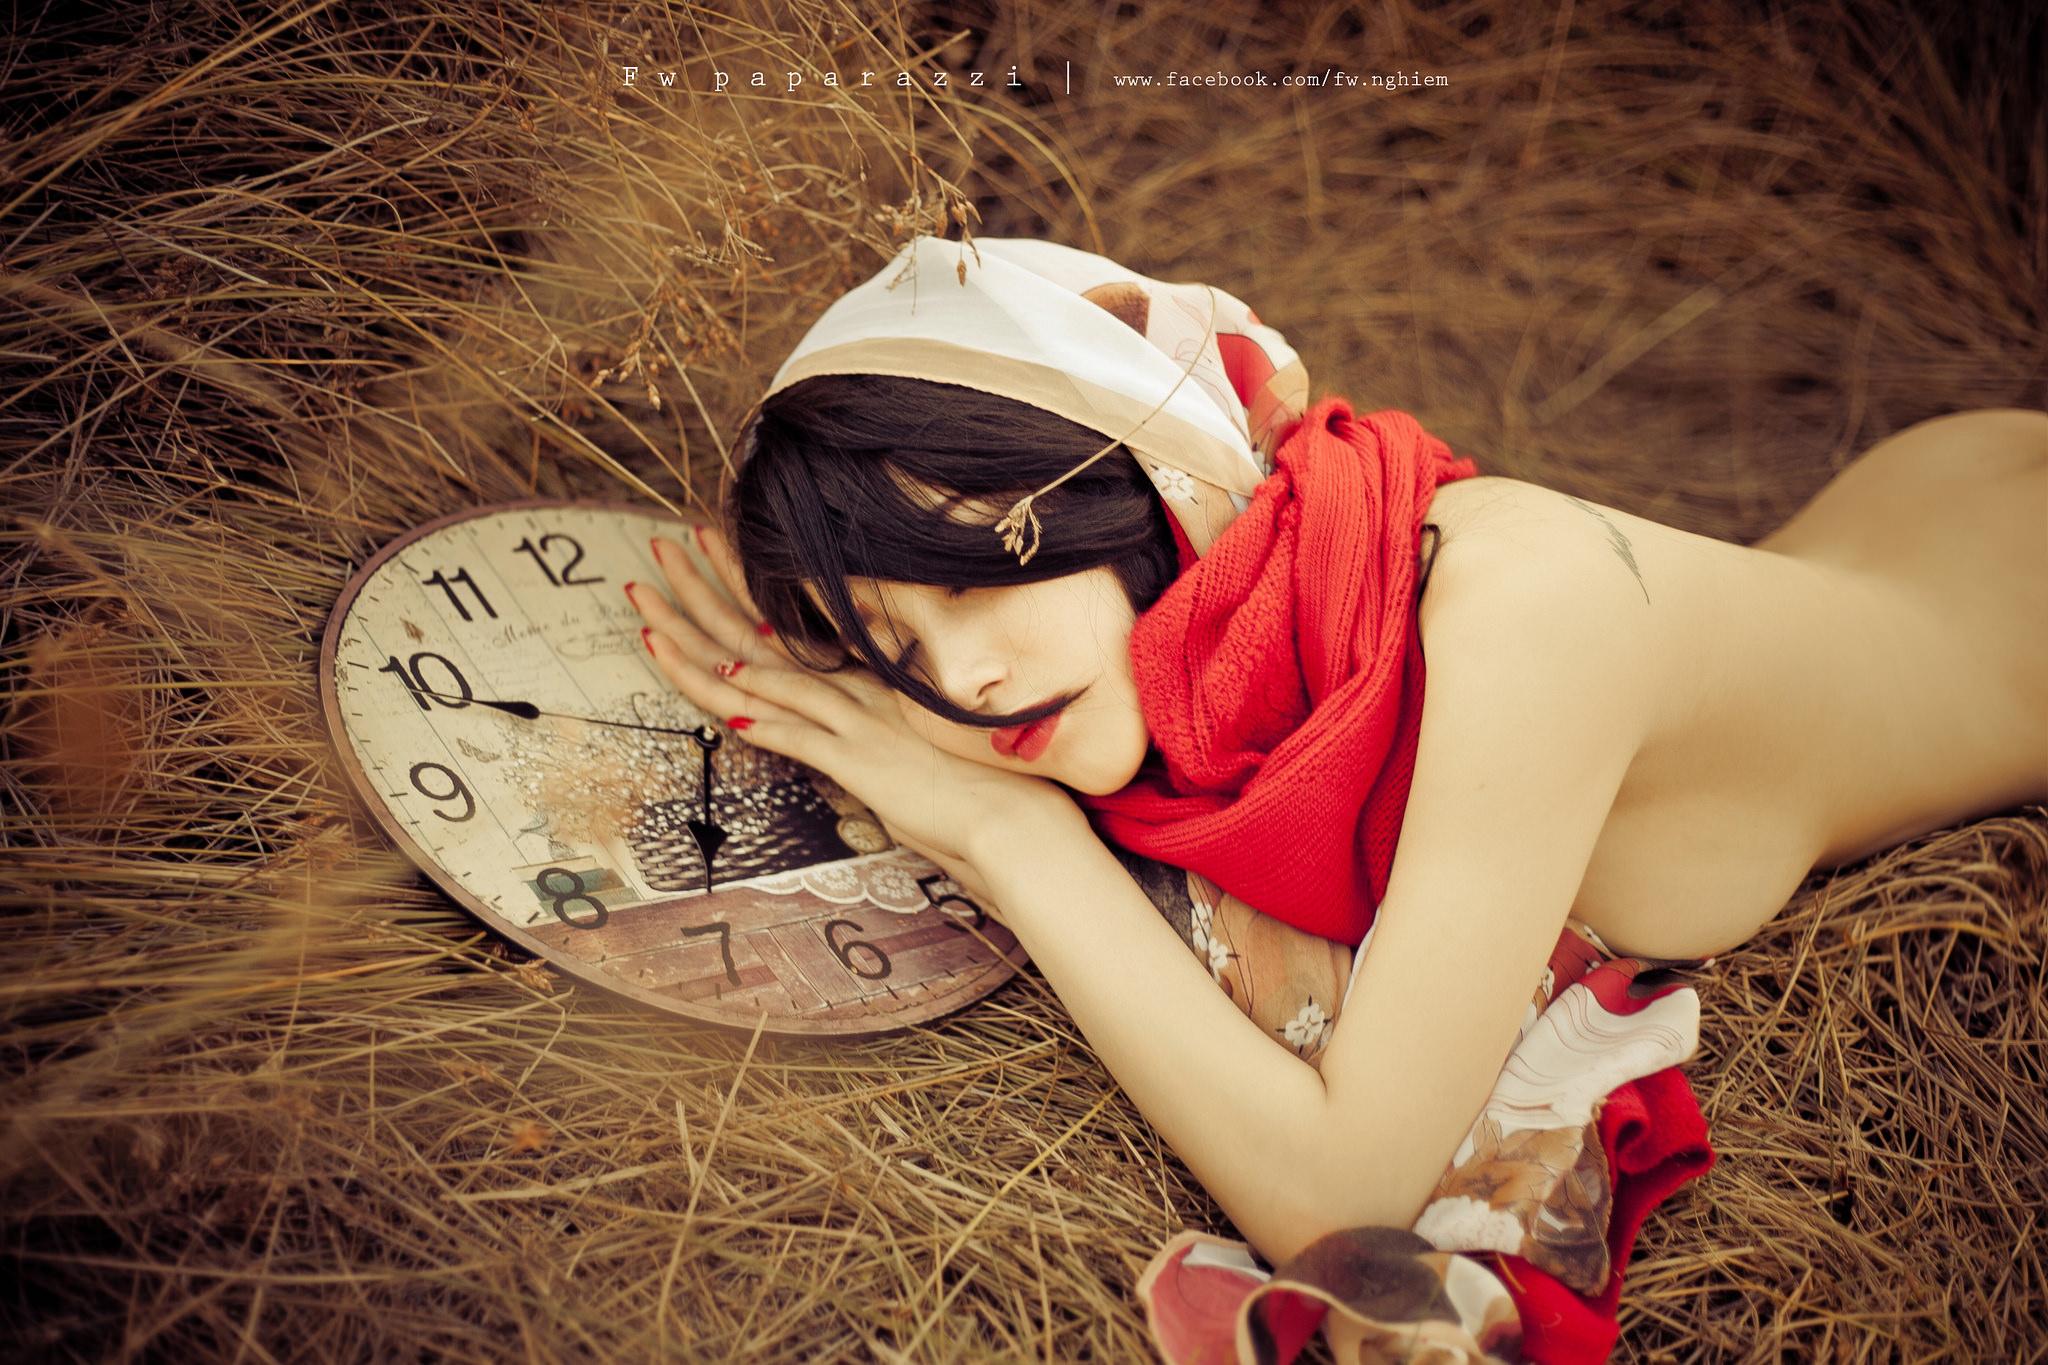 Cô bé quàng khăn đỏ - Ảnh Nghiêm Tứ Quý